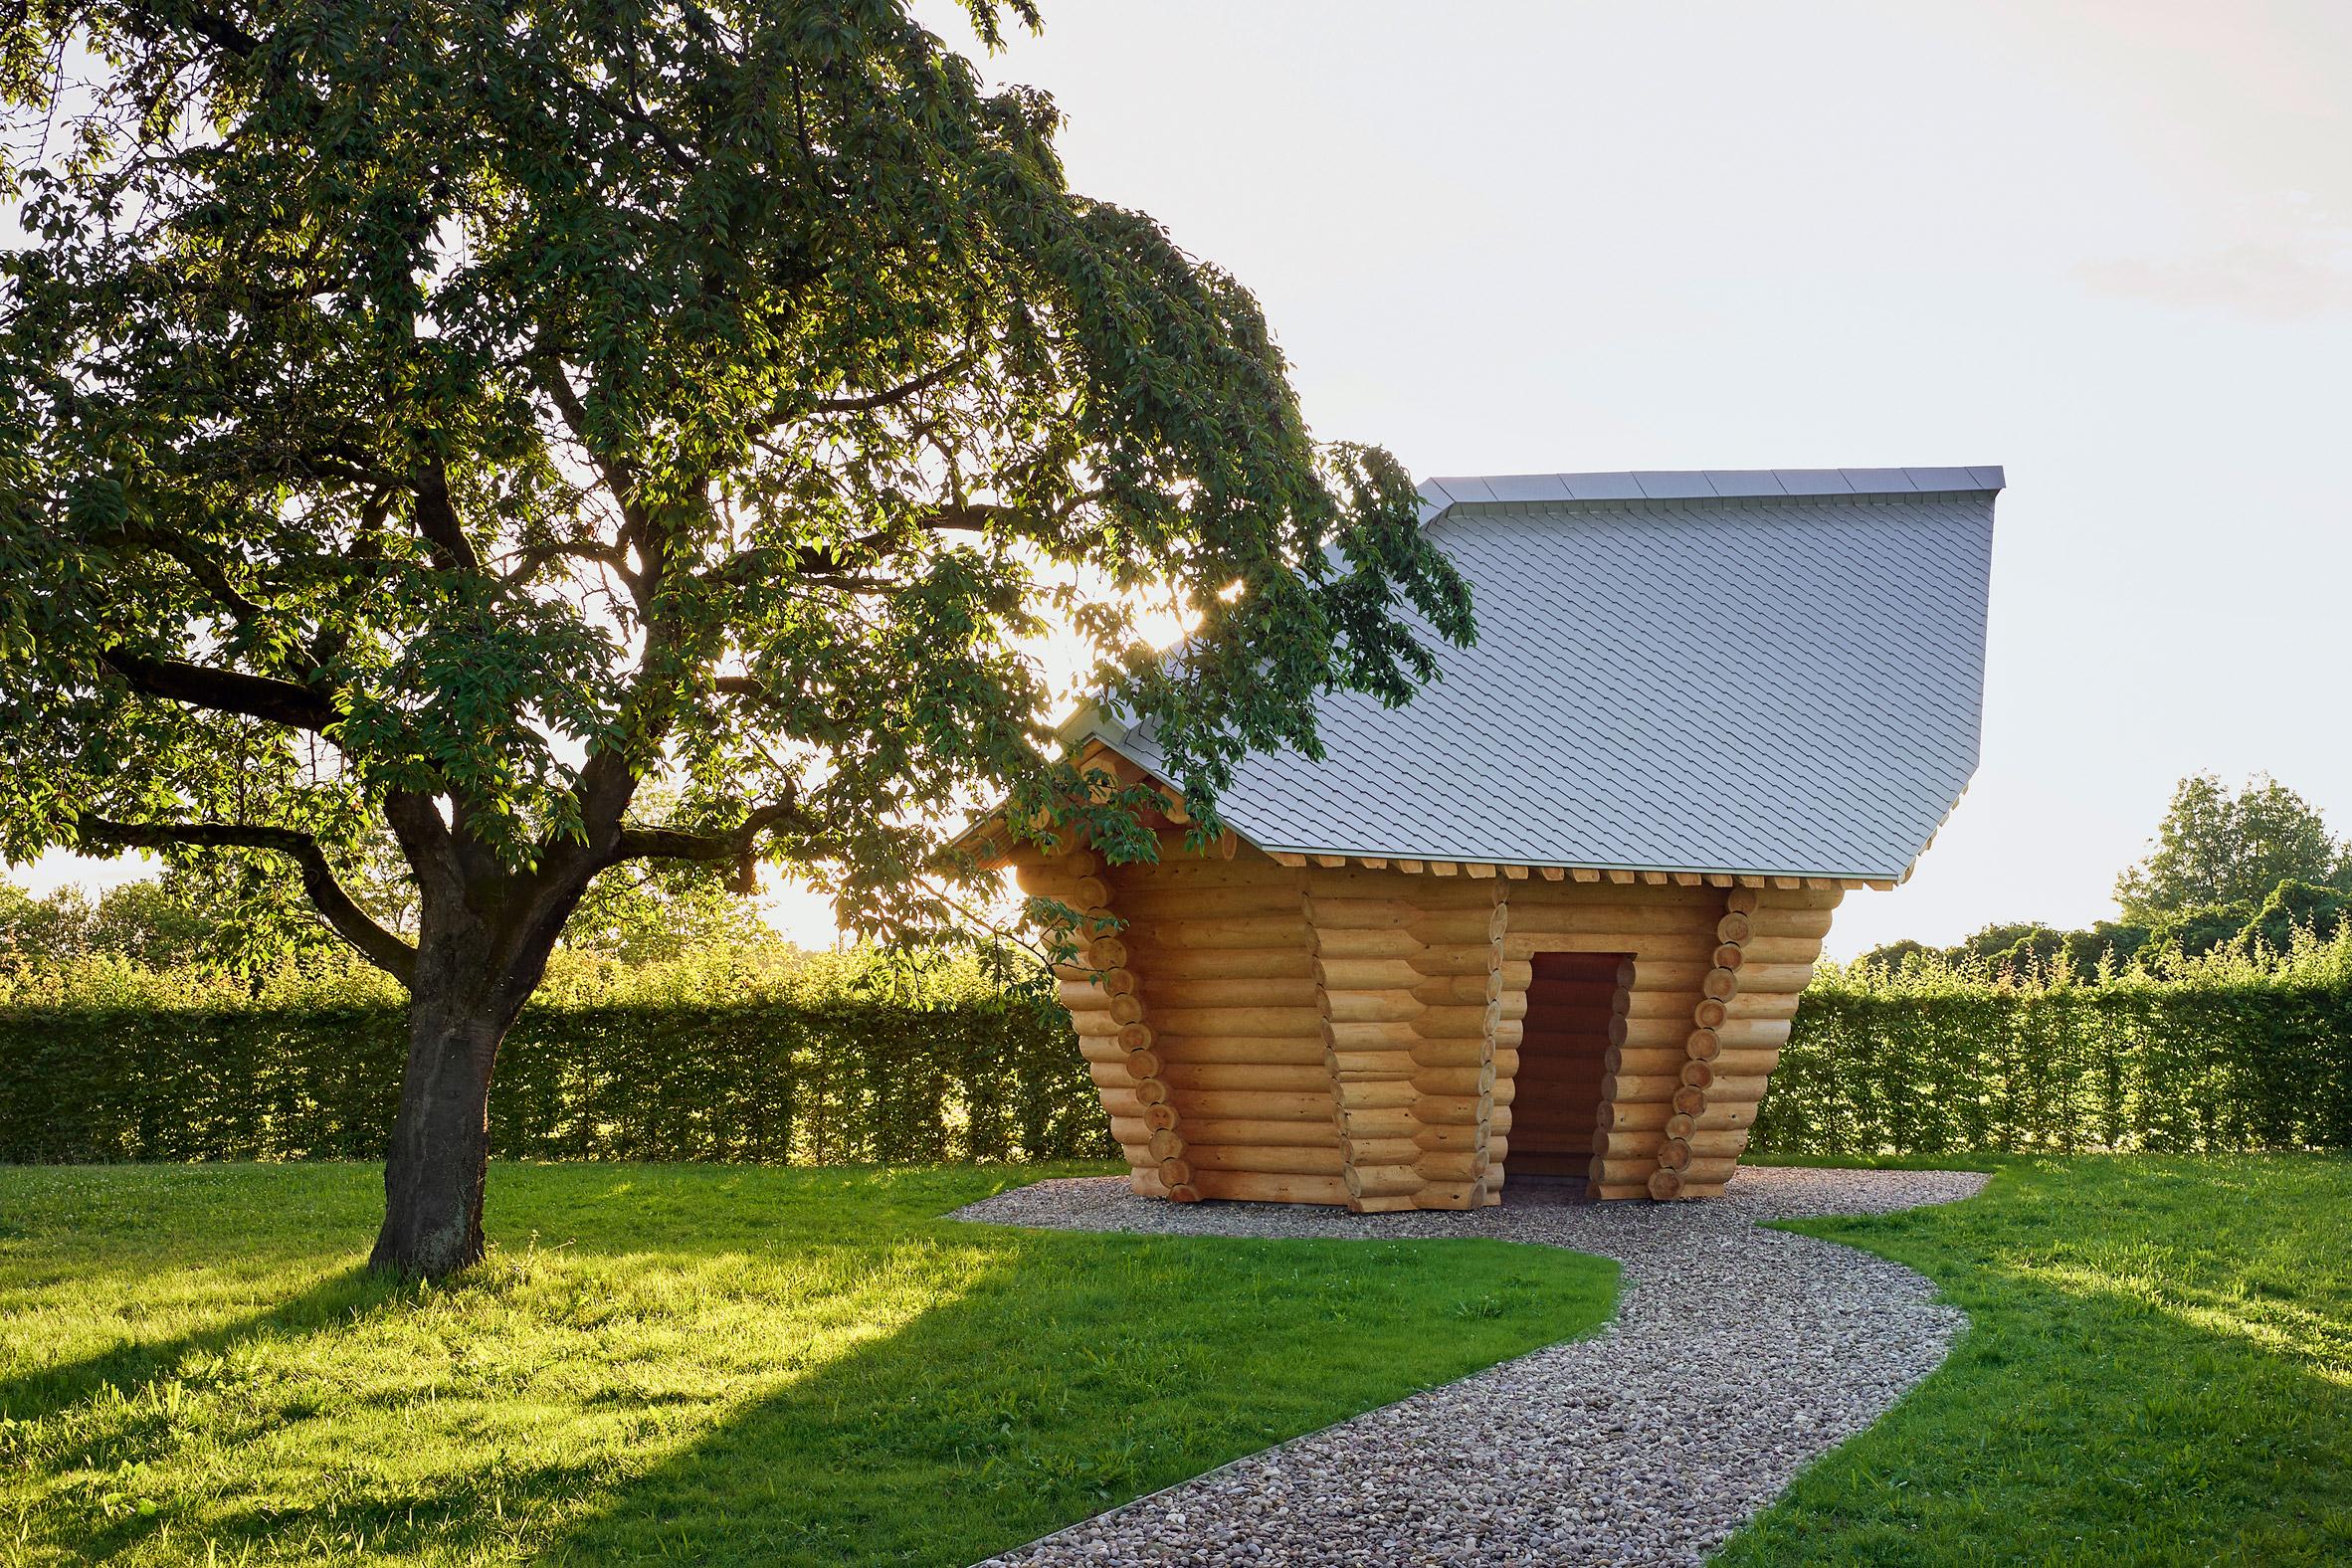 Blockhaus by Thomas Shütte